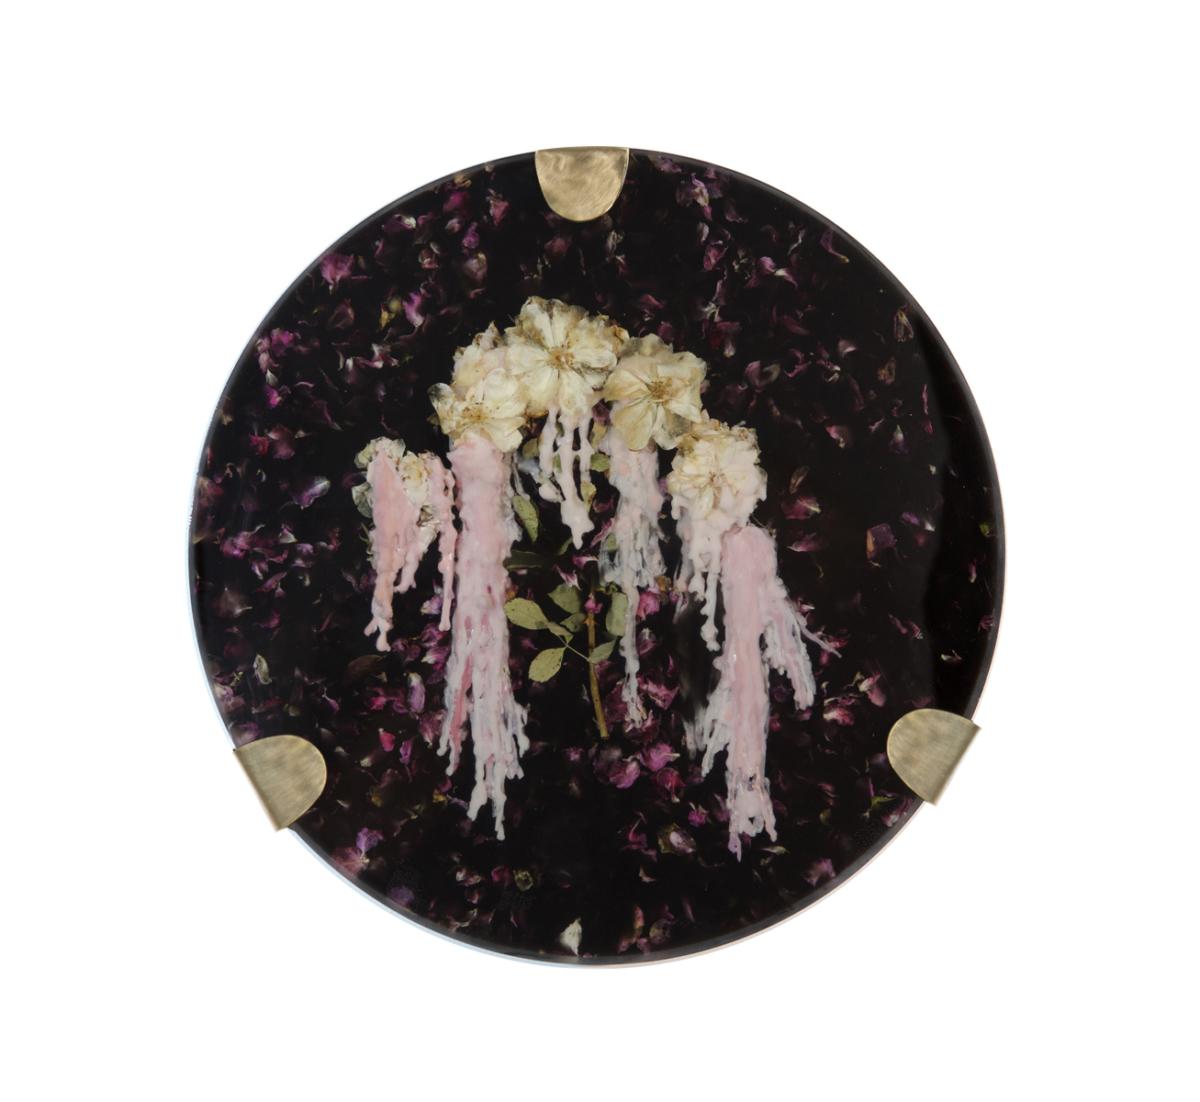 Elixir II, 2018 Composition florale, cire et résine époxy noire, laiton H 40 cm, DA18-15 ©Duy Anh Nhan Duc